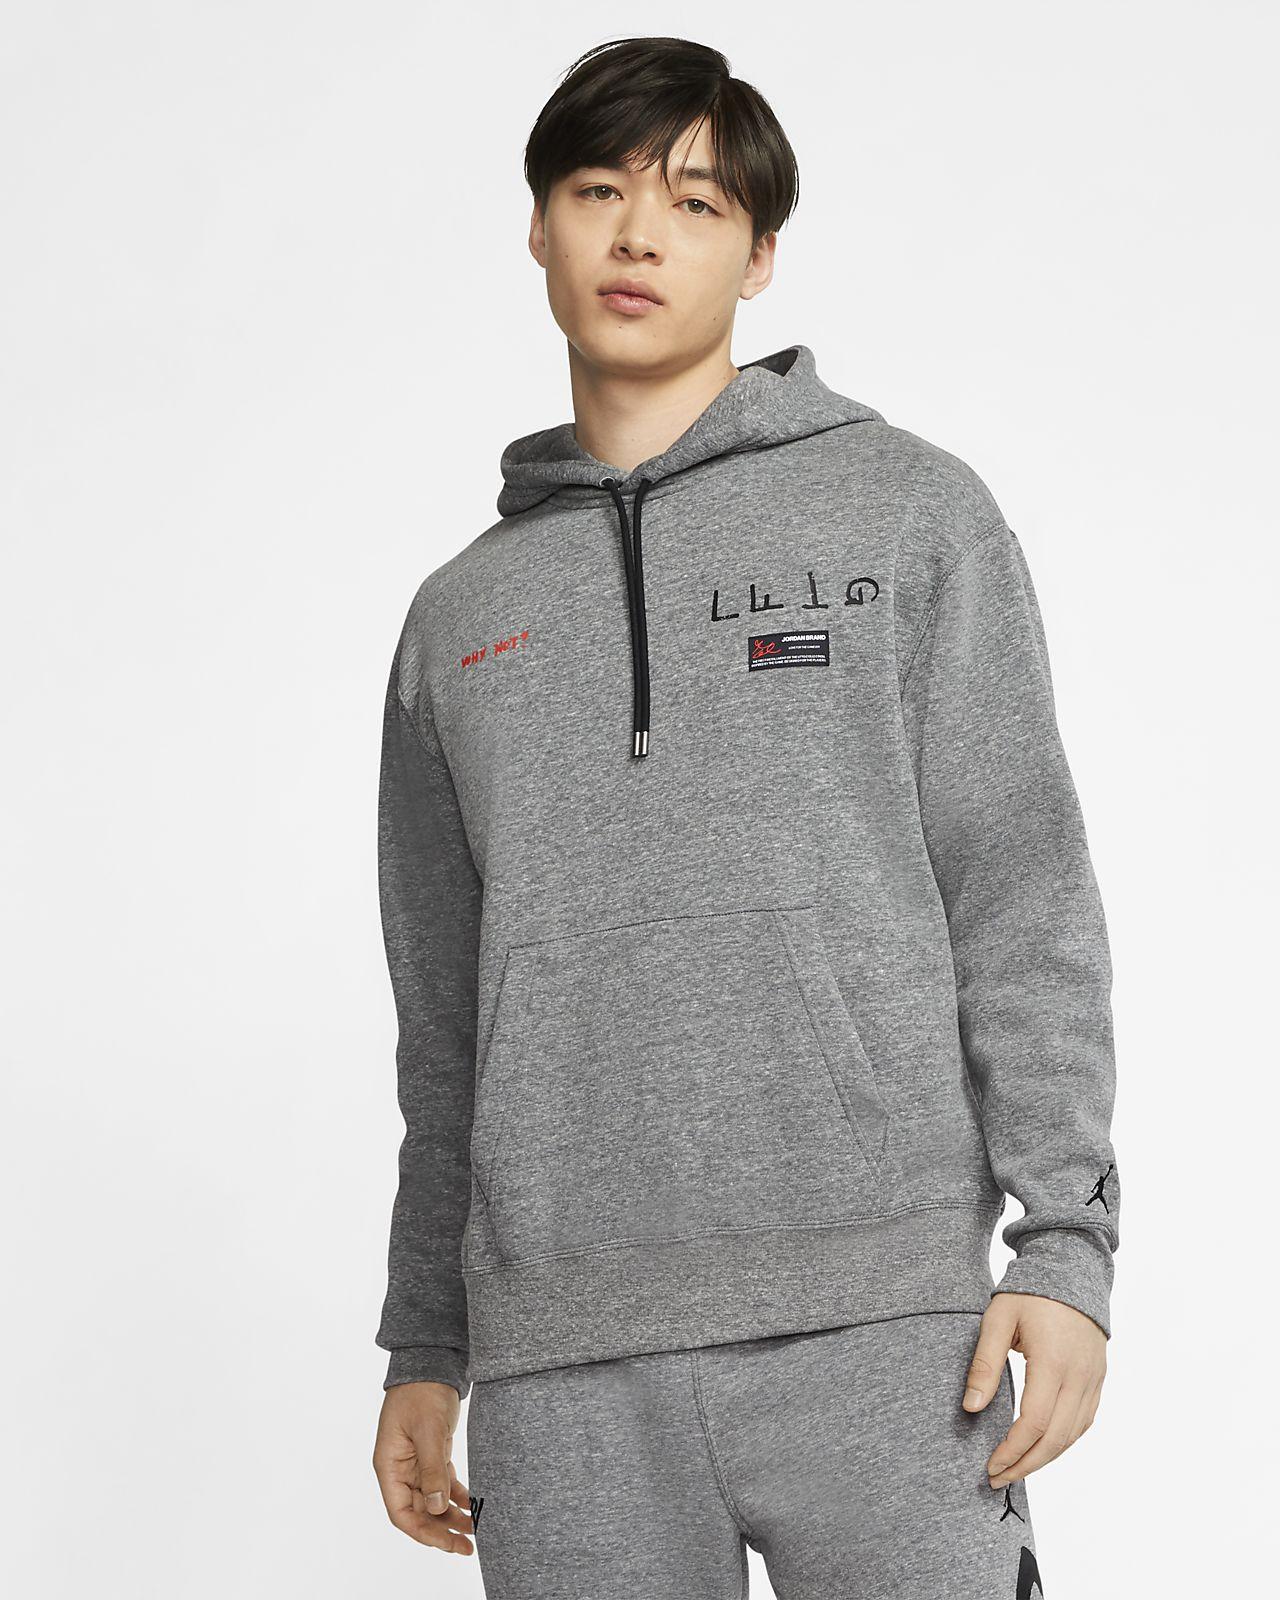 Jordan Why Not? Men's Fleece Pullover